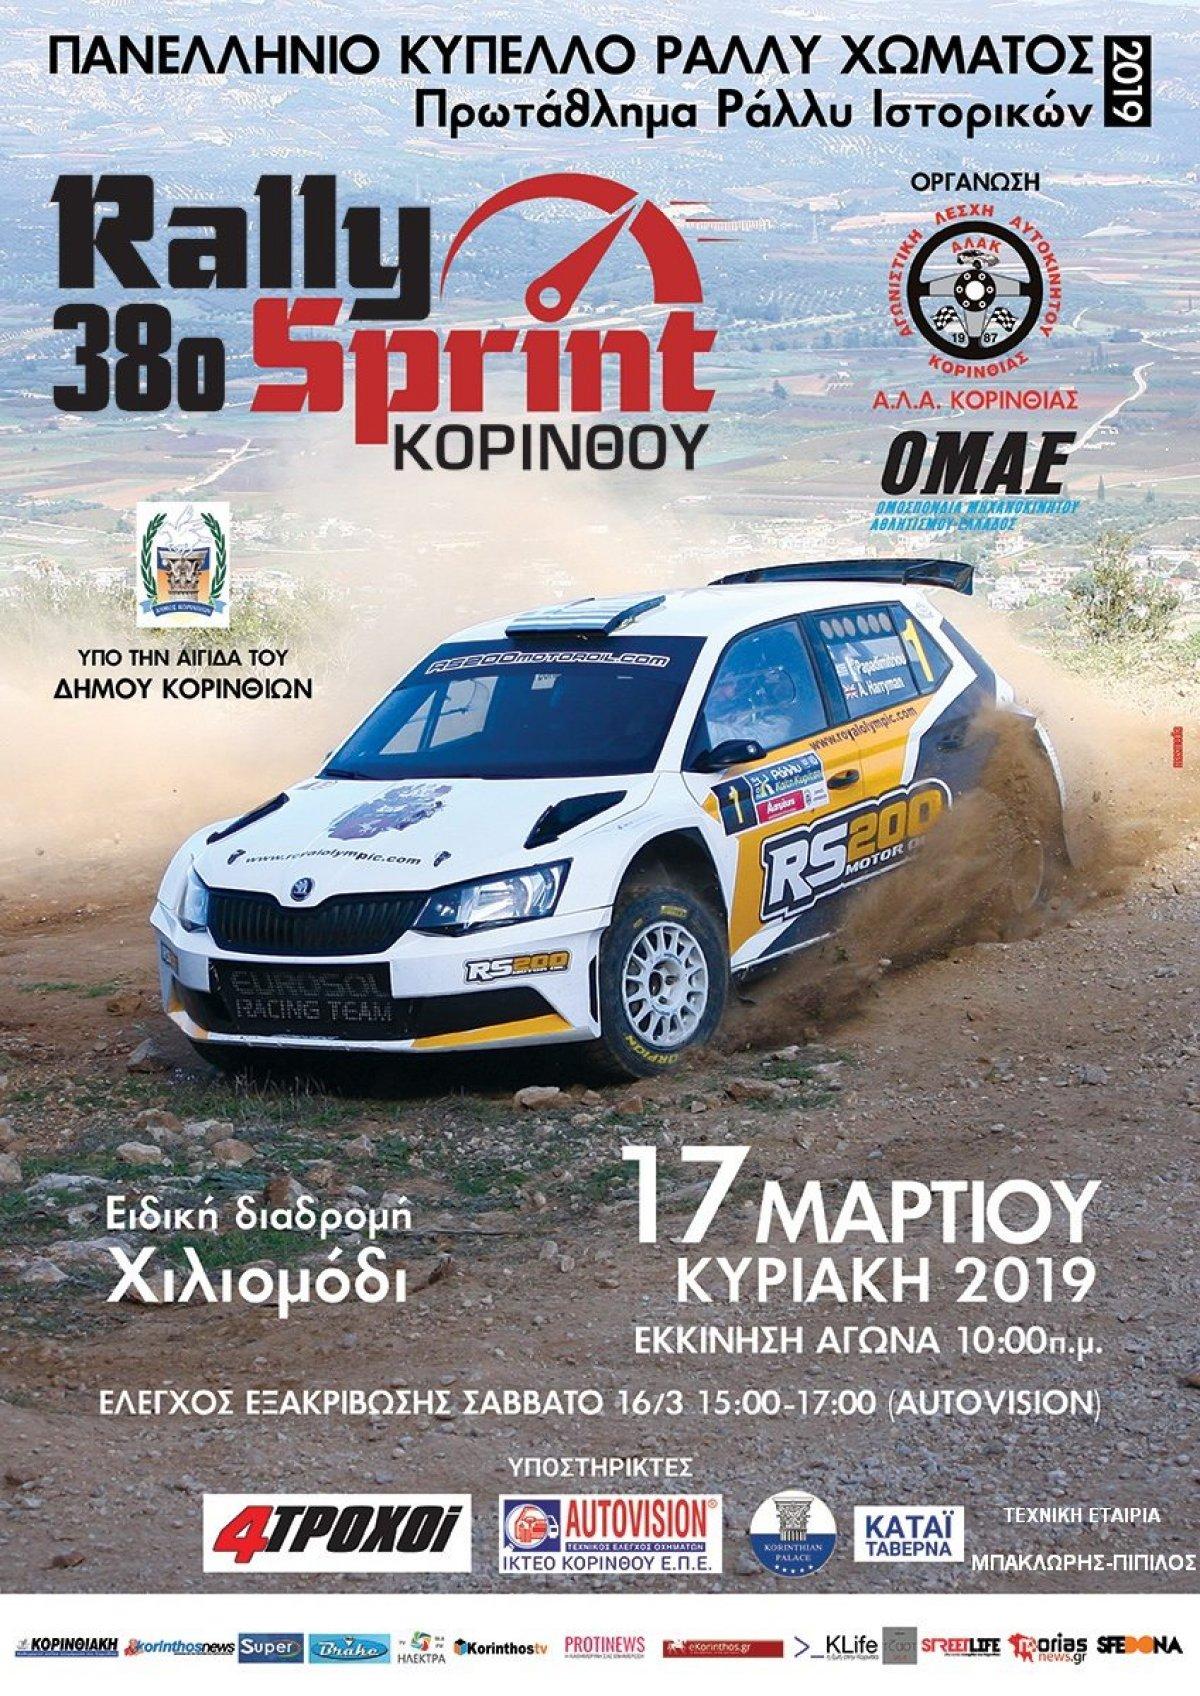 Η Starting List του 38ου Rally Sprint Κορίνθου